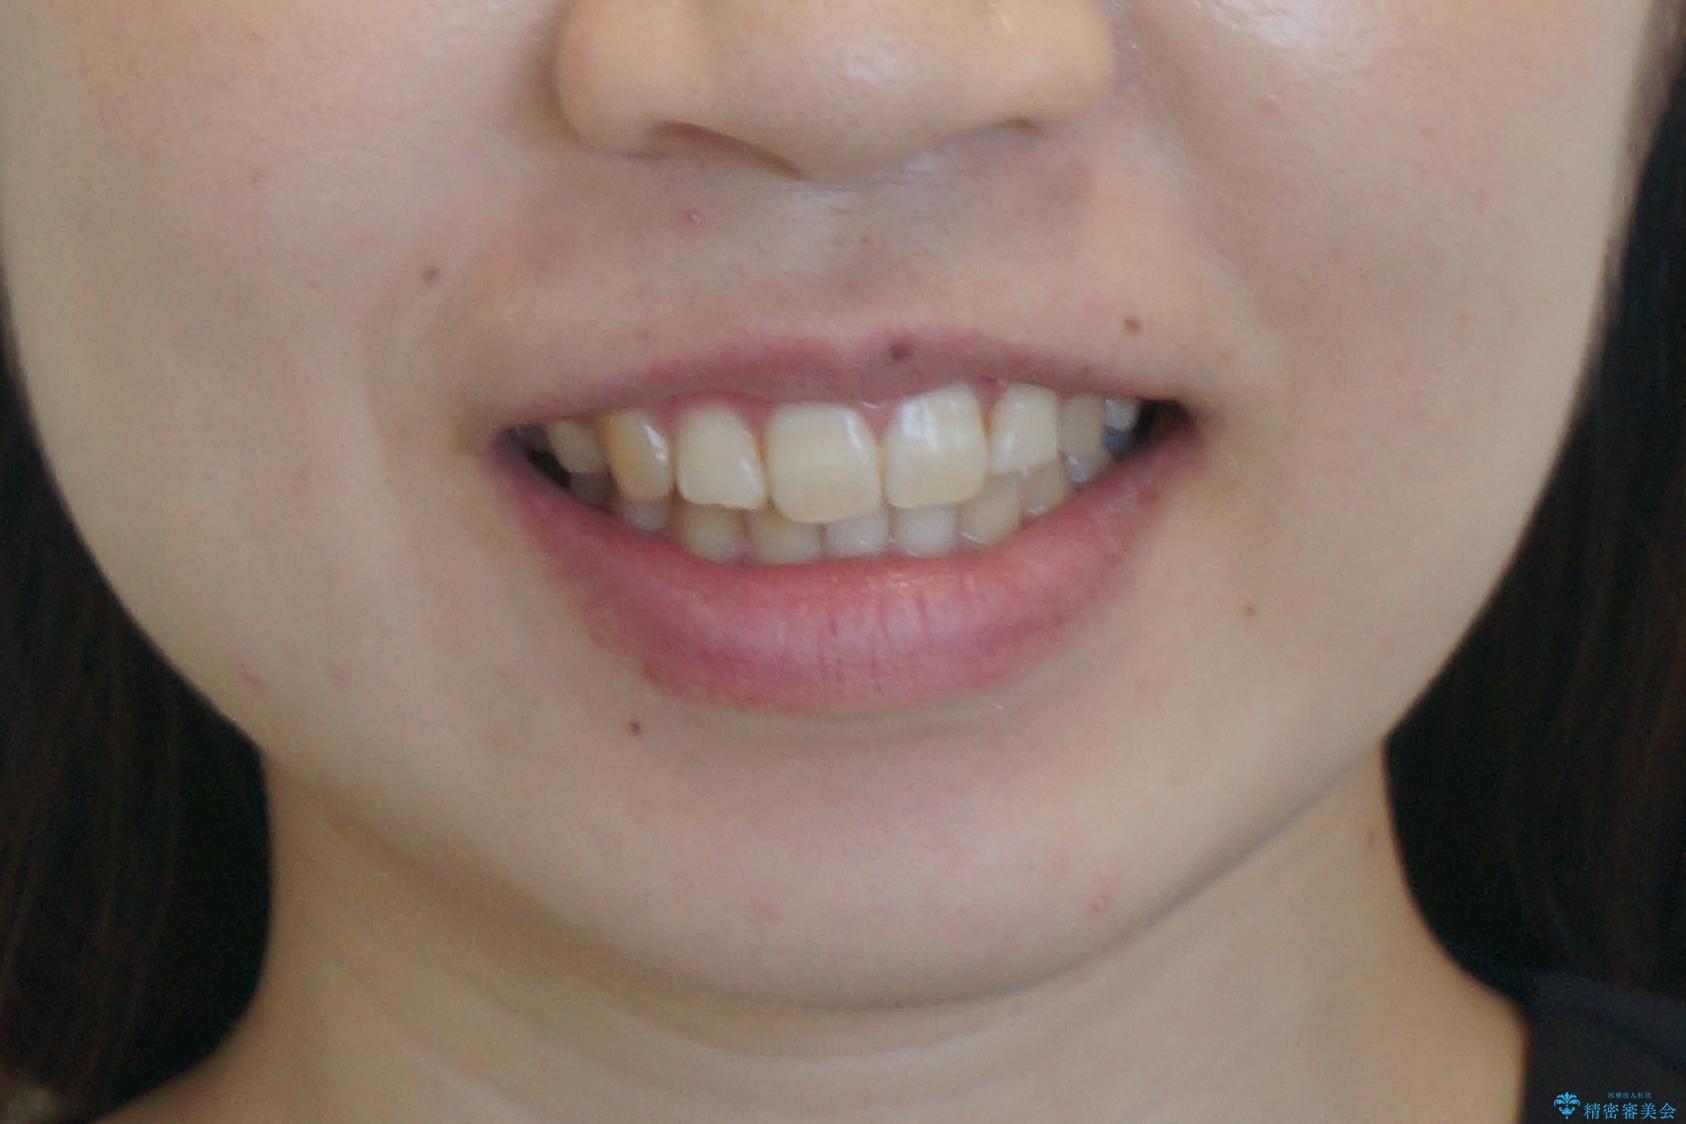 よくある悩み 前歯が裏に2本入っているのを治したいの治療後(顔貌)